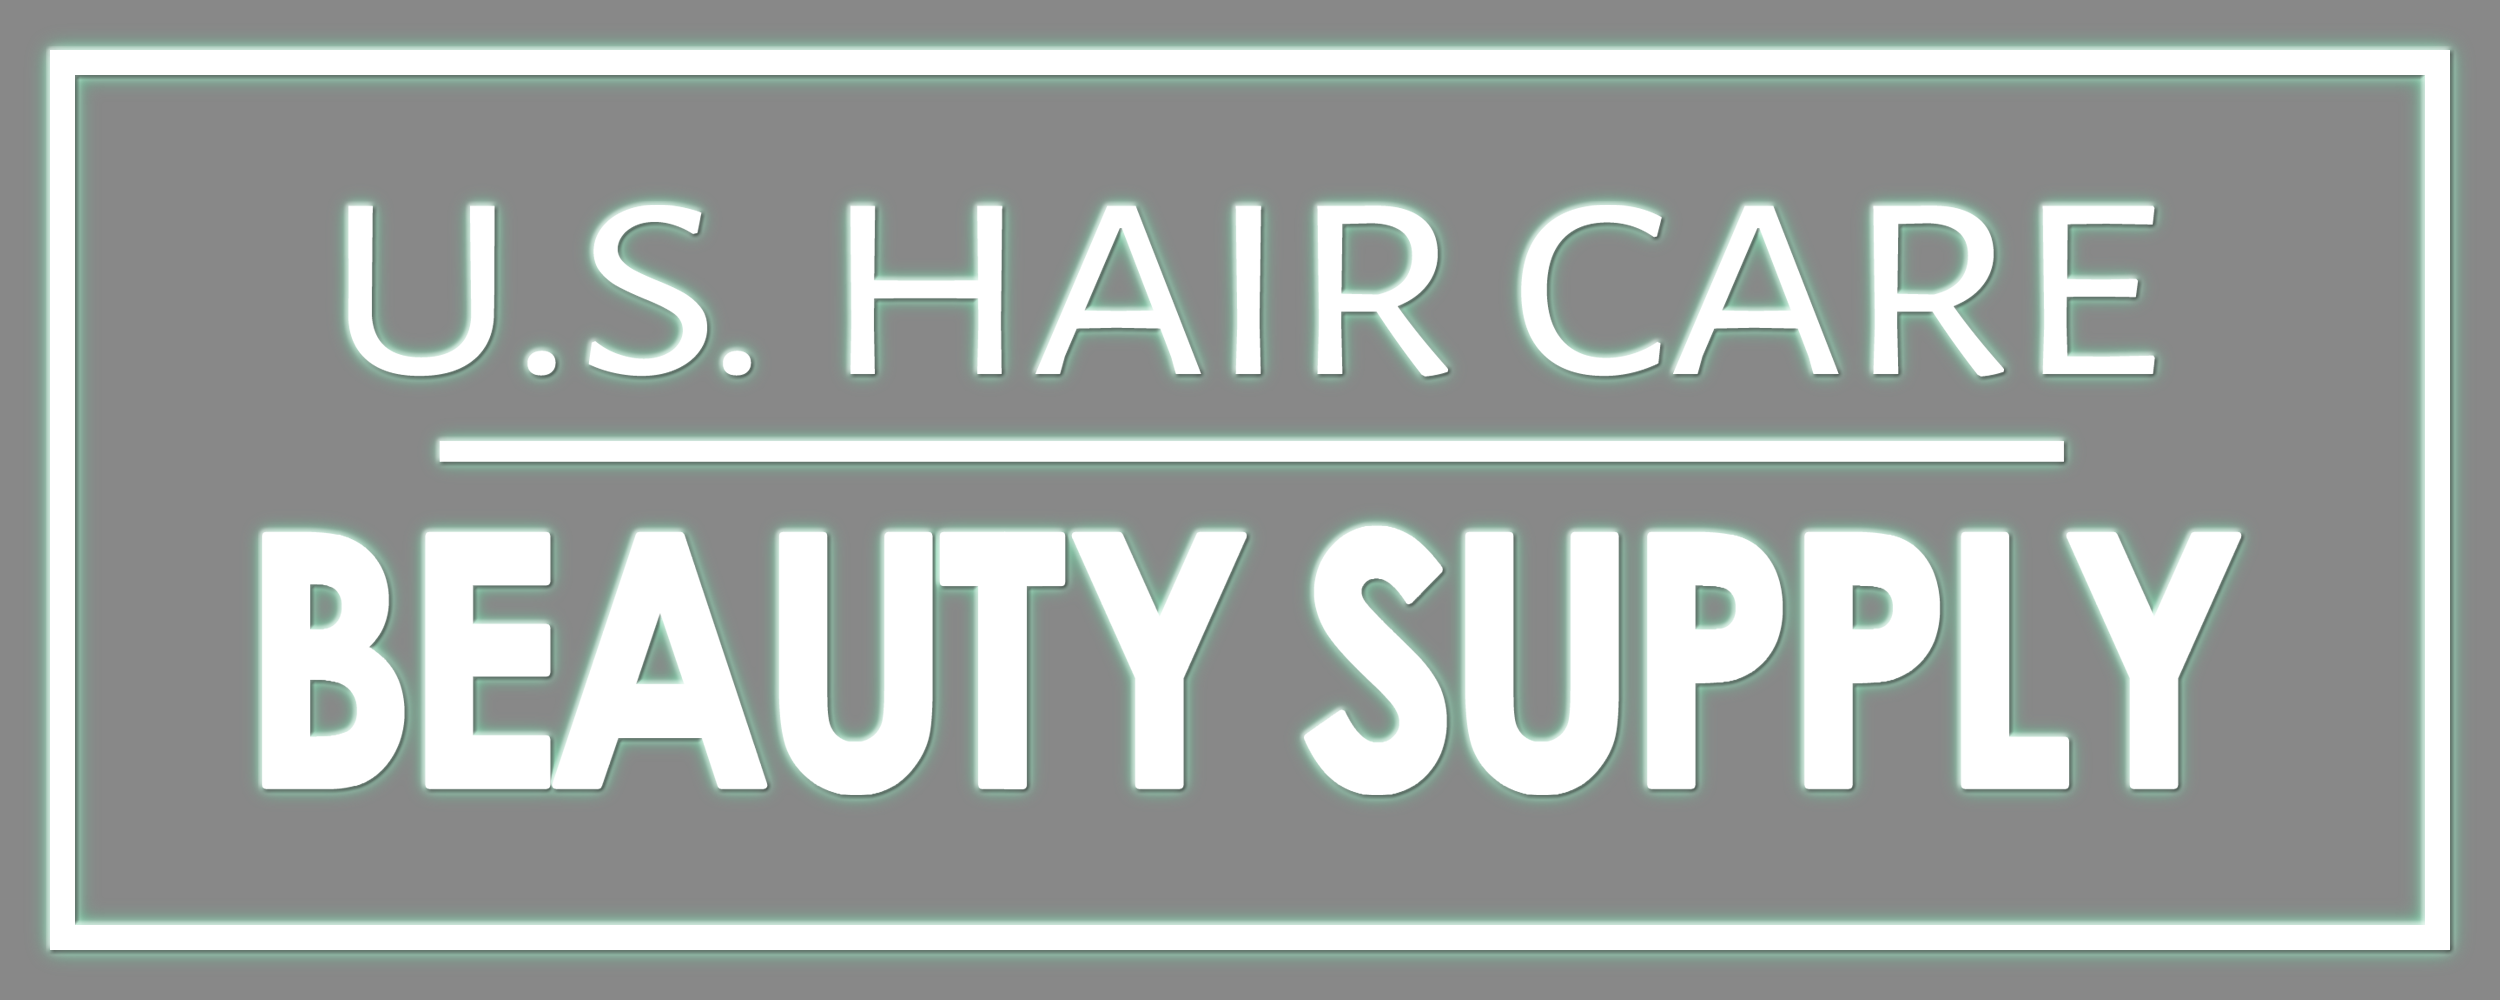 U.S. Hair Care